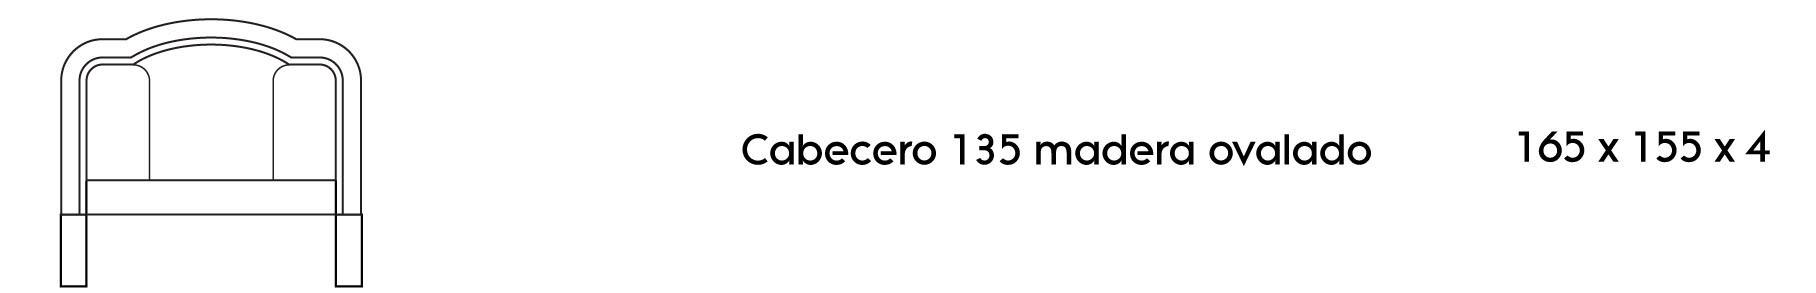 Cabecero Ovalado